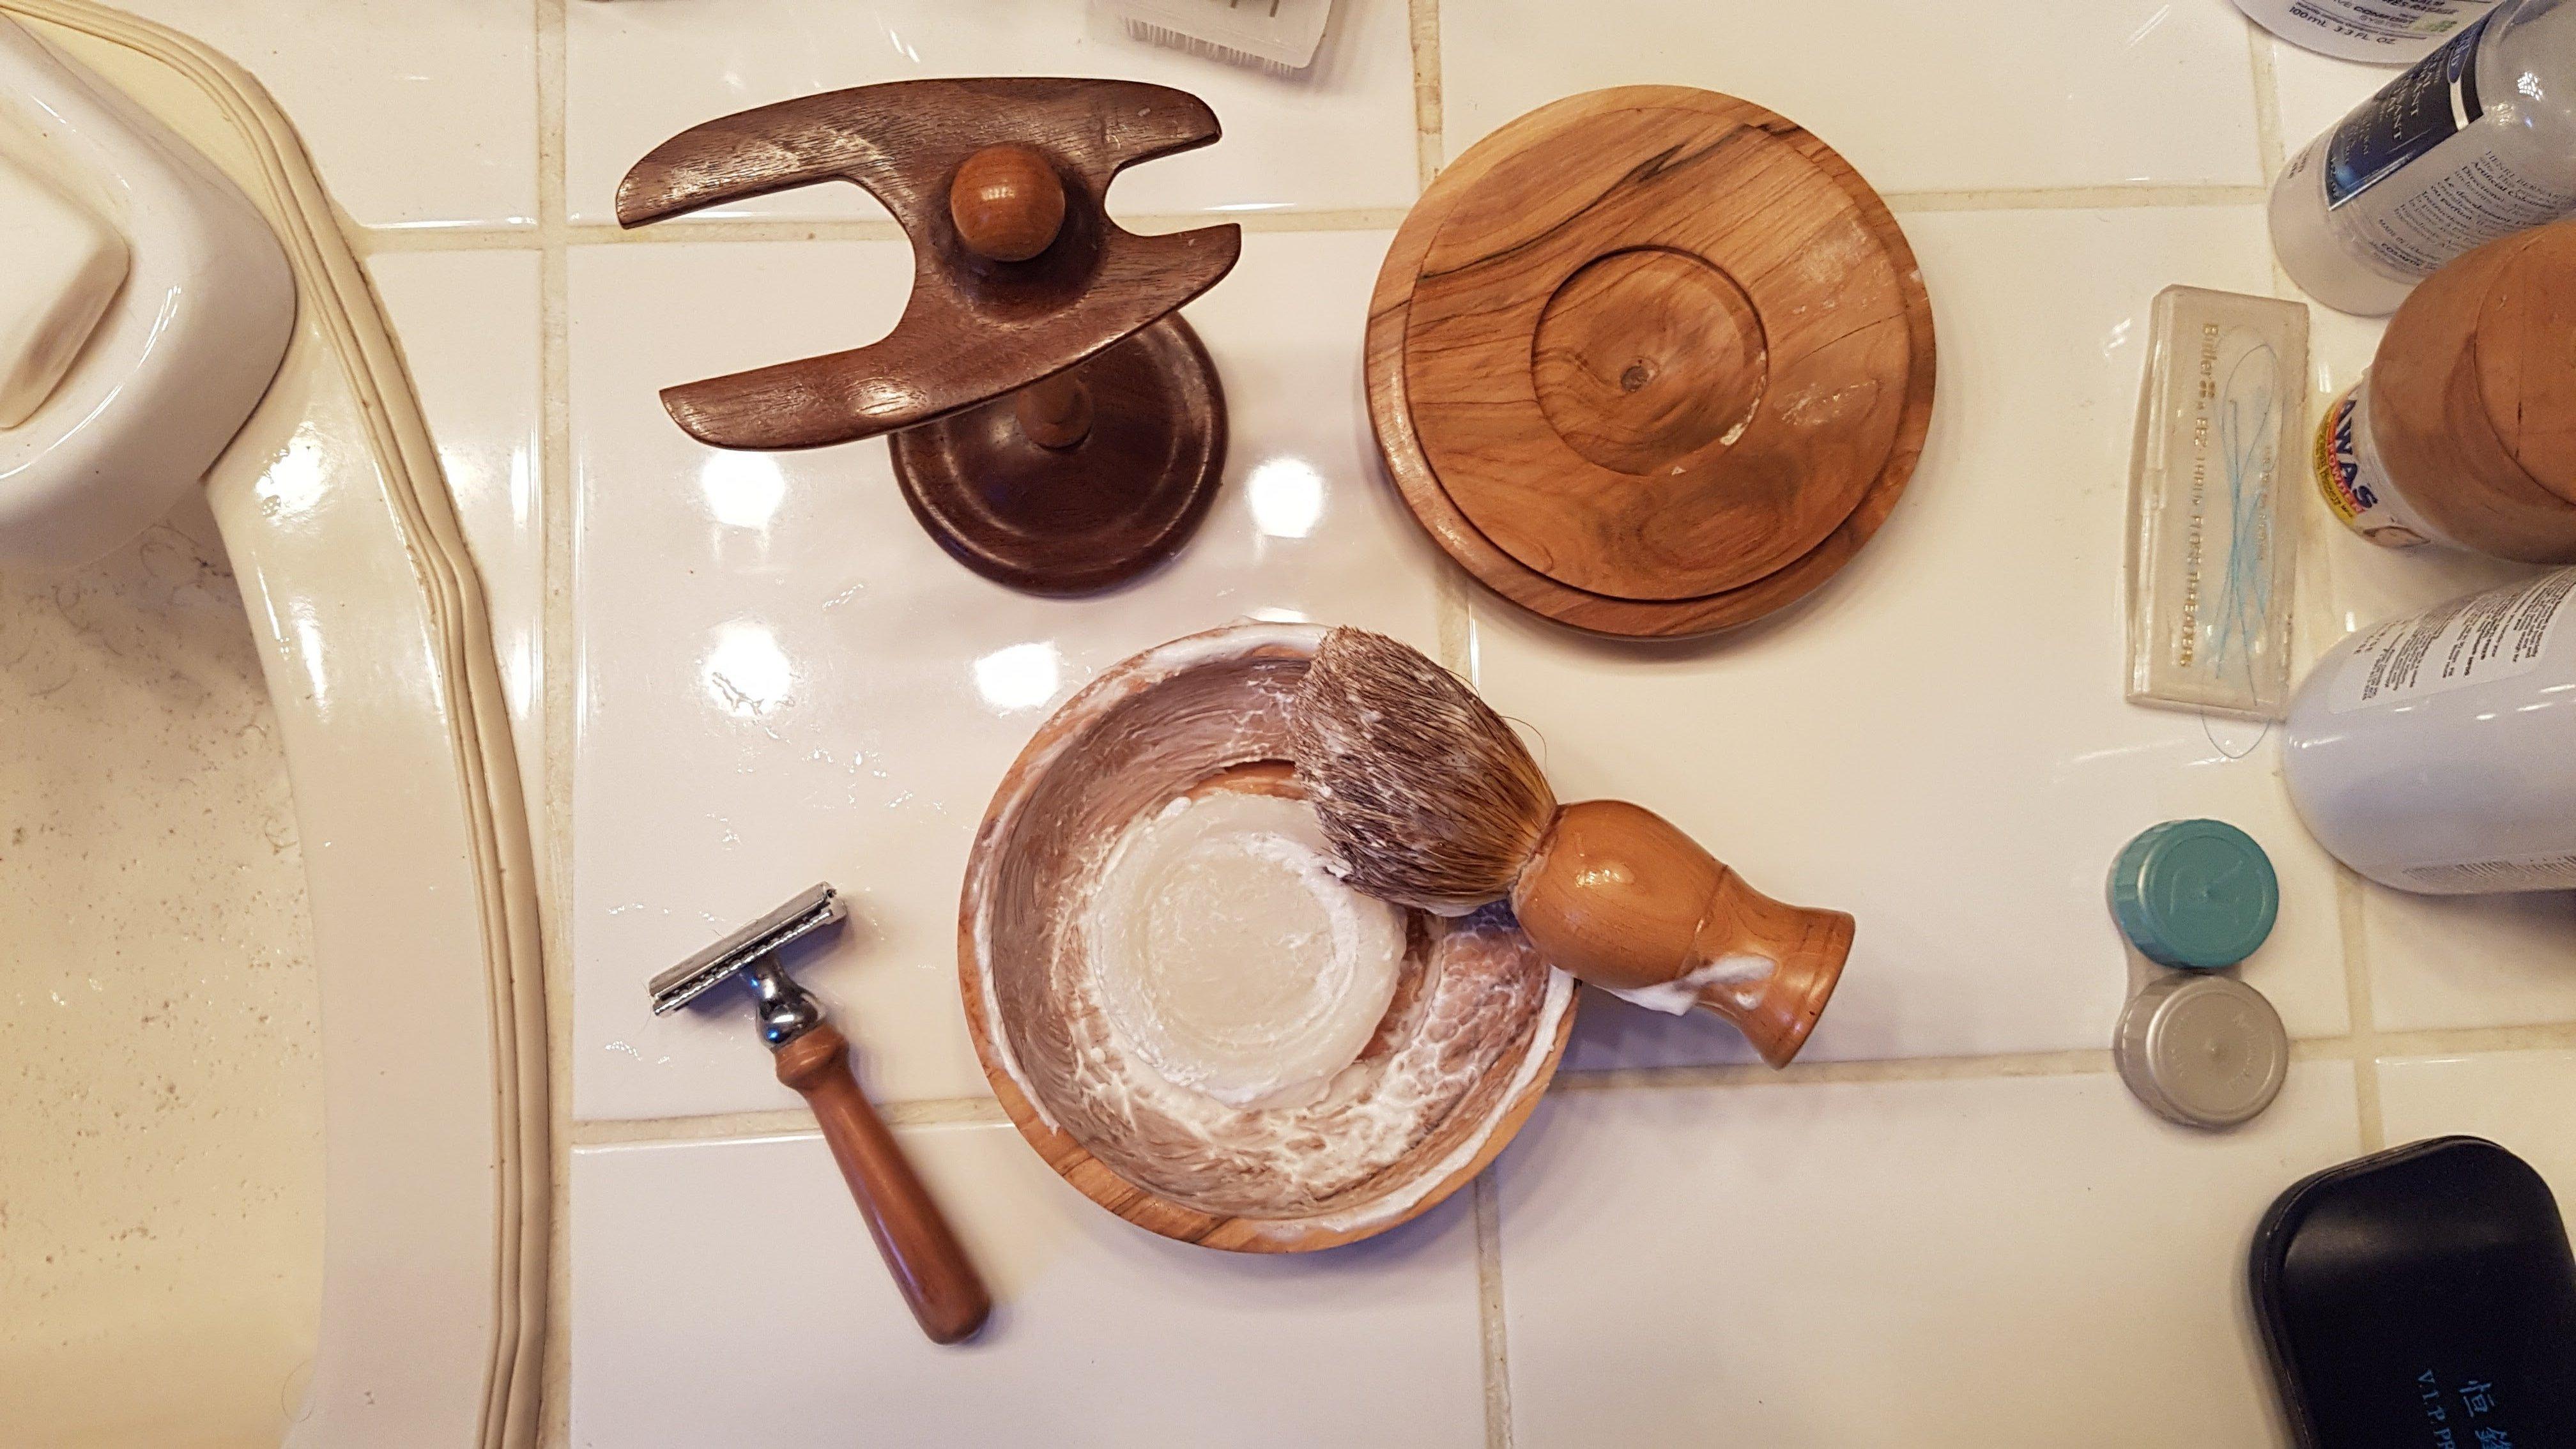 Shaving bowl in use